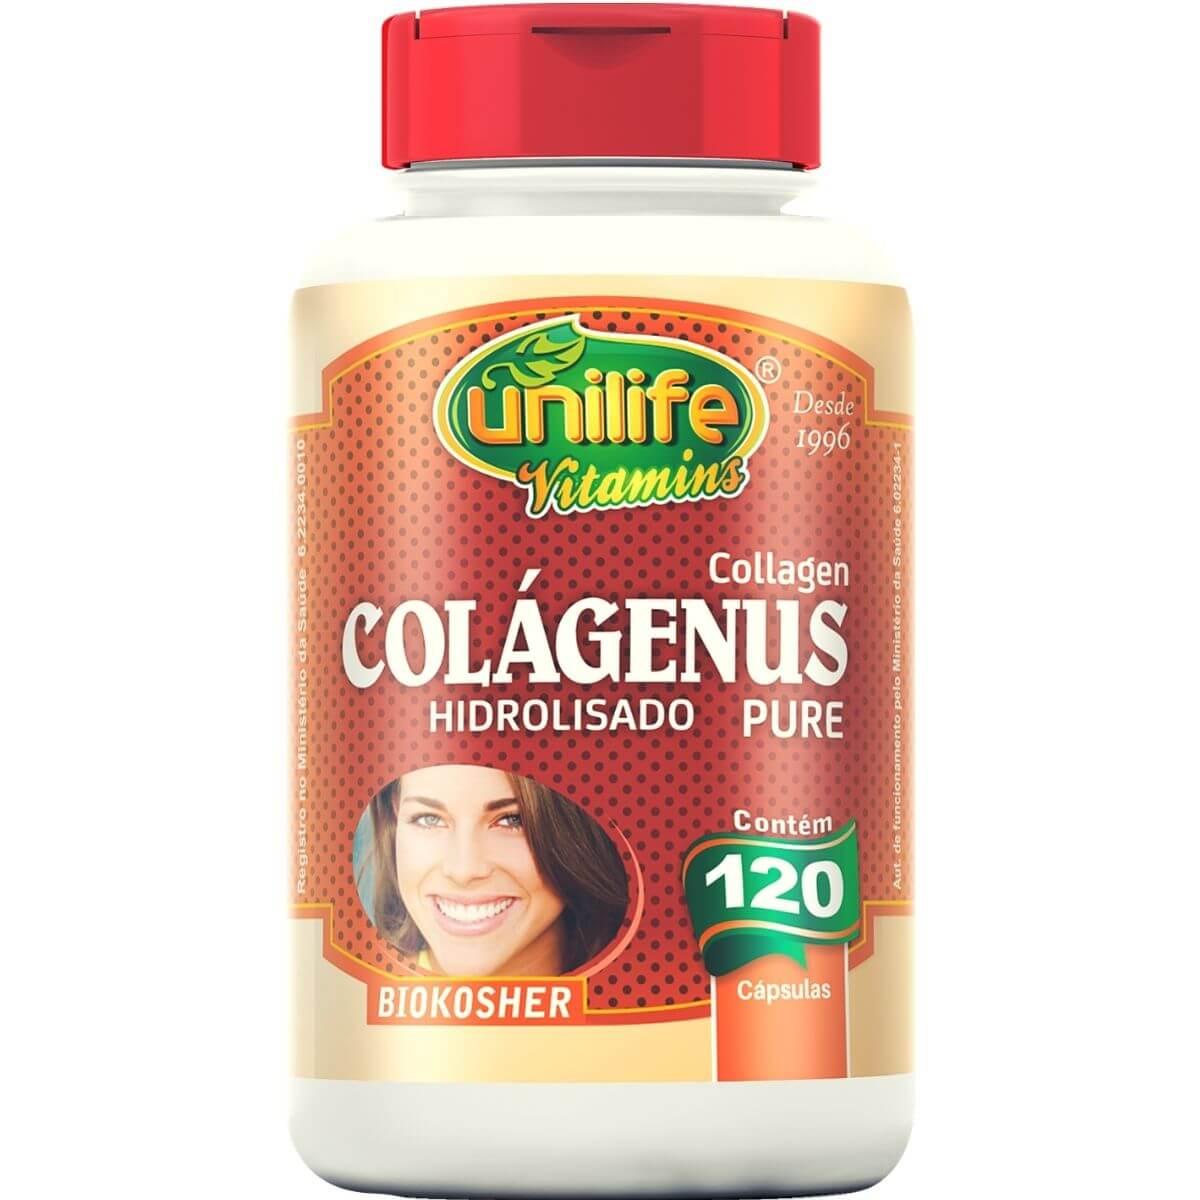 Colágeno Hidrolisado Puro 120 Cápsulas - Unilife